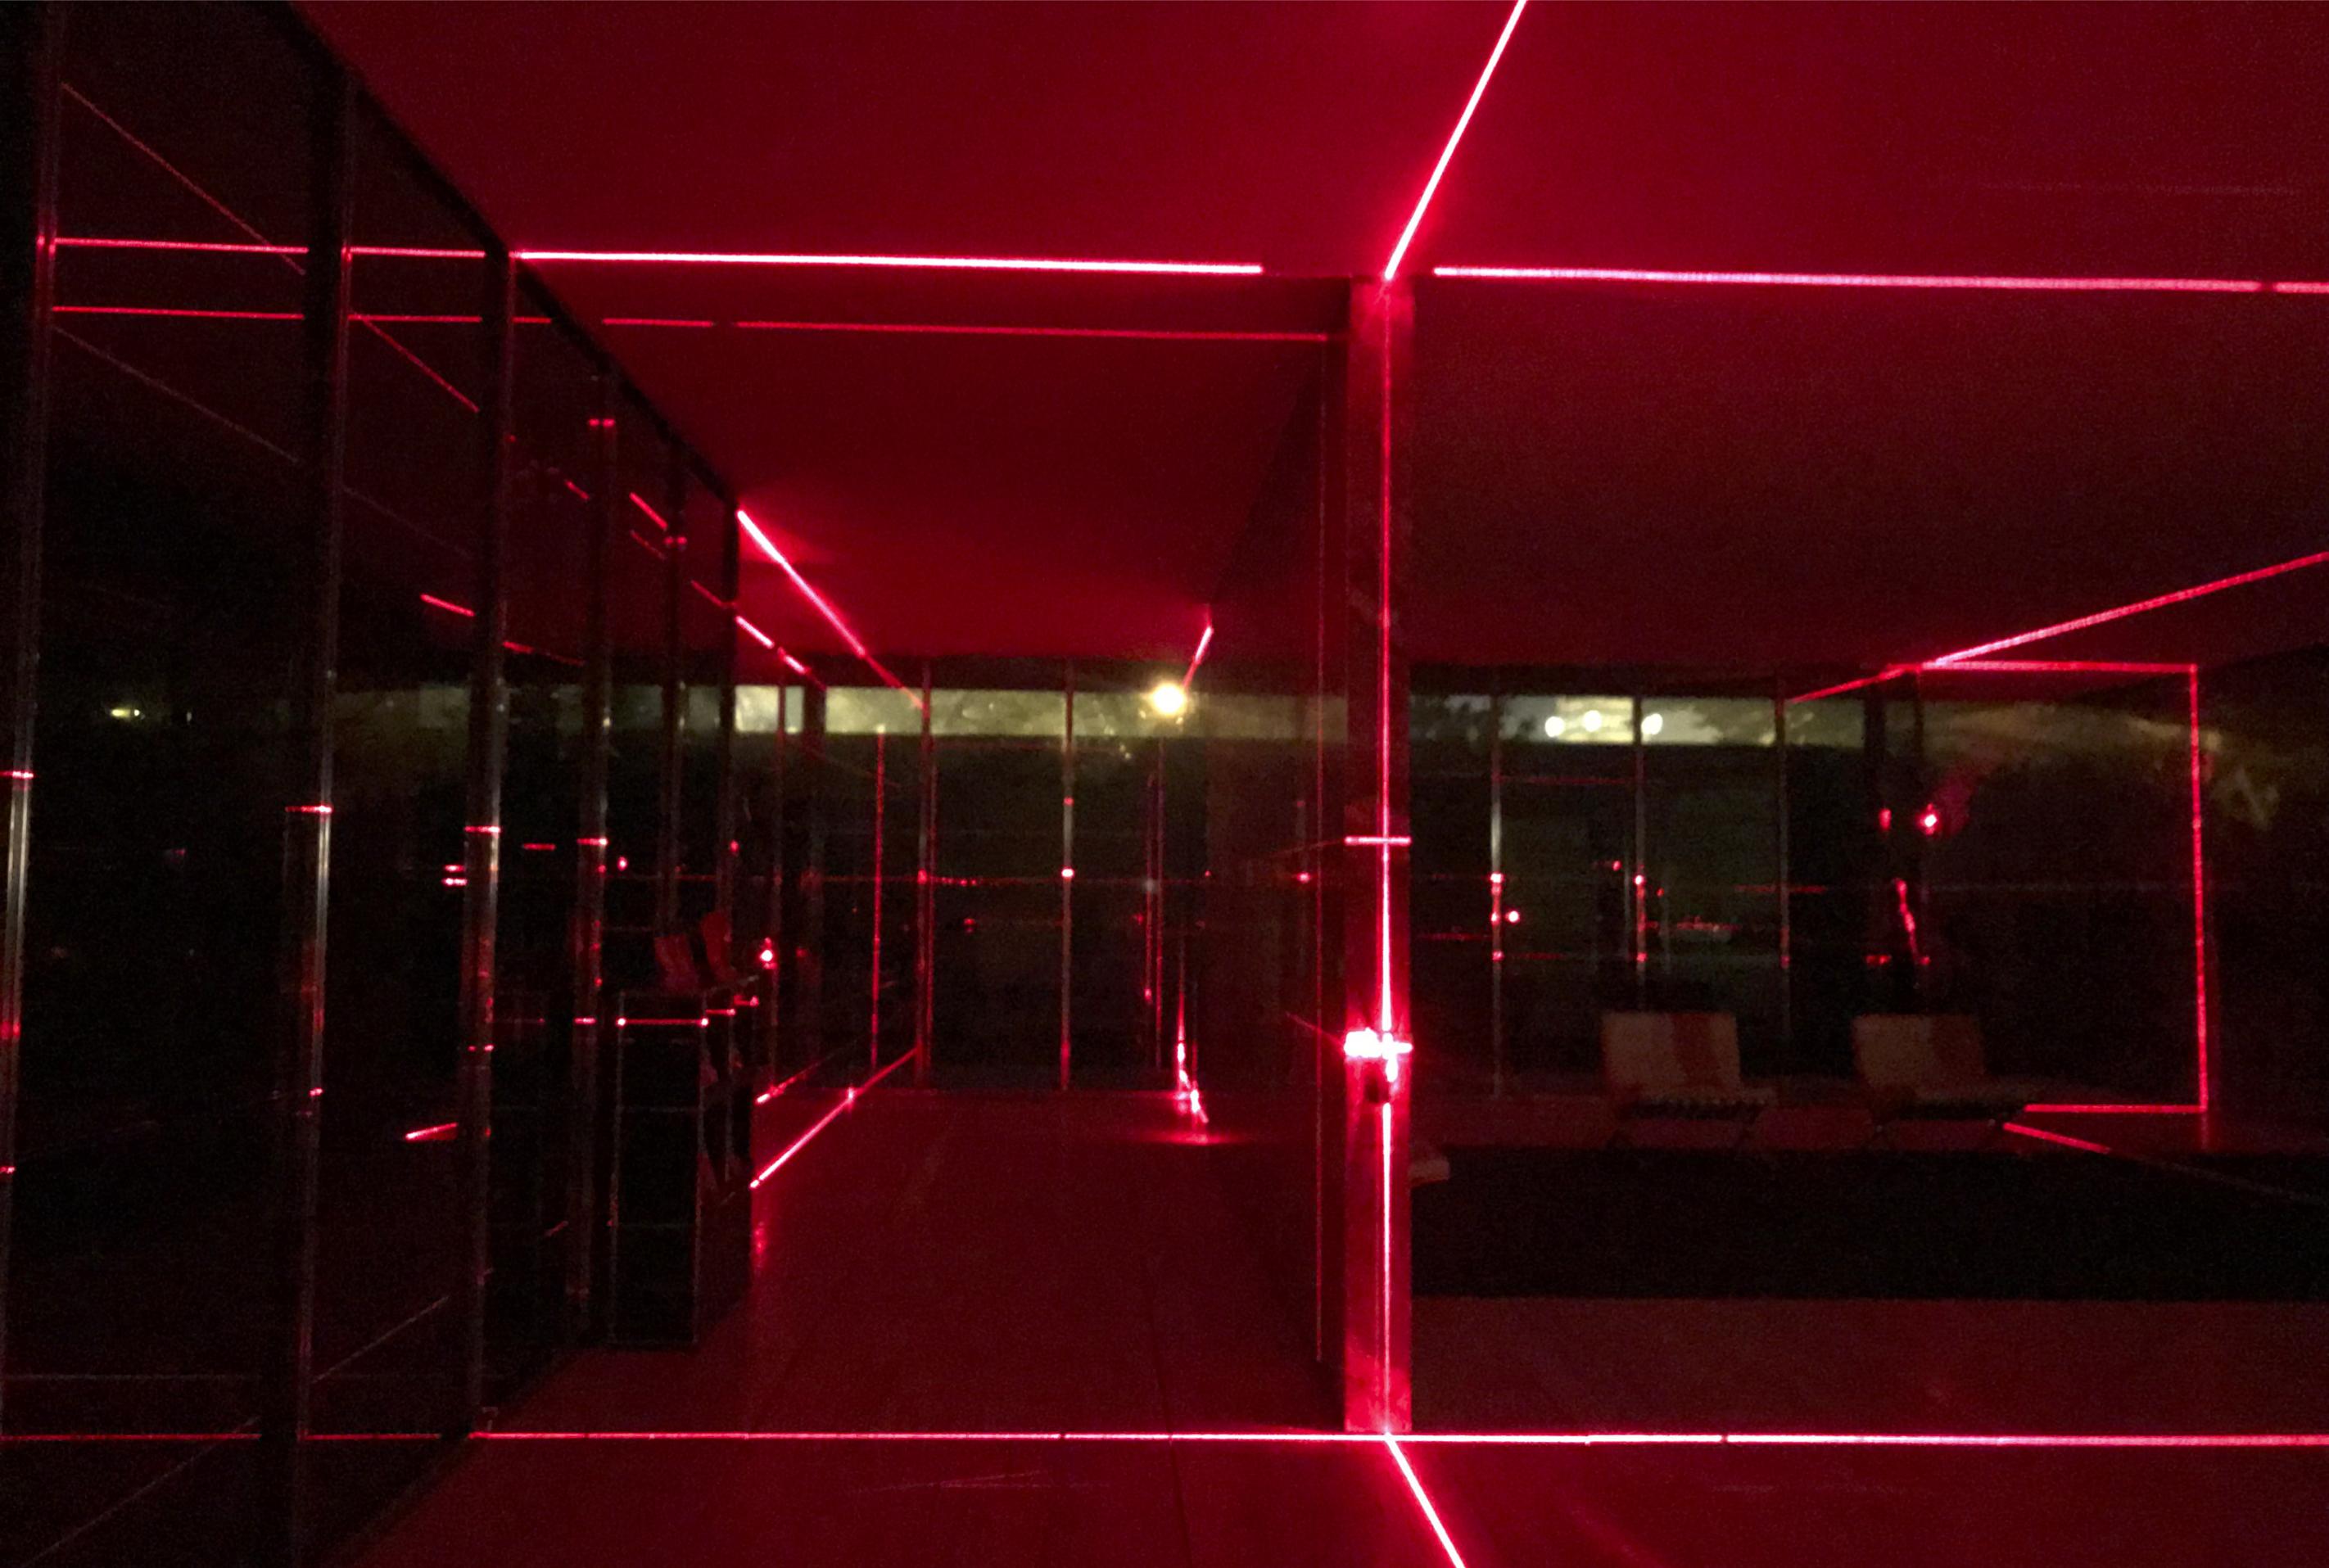 Geometry of Light, la nueva intervención en el Pabellón Mies van der Rohe.